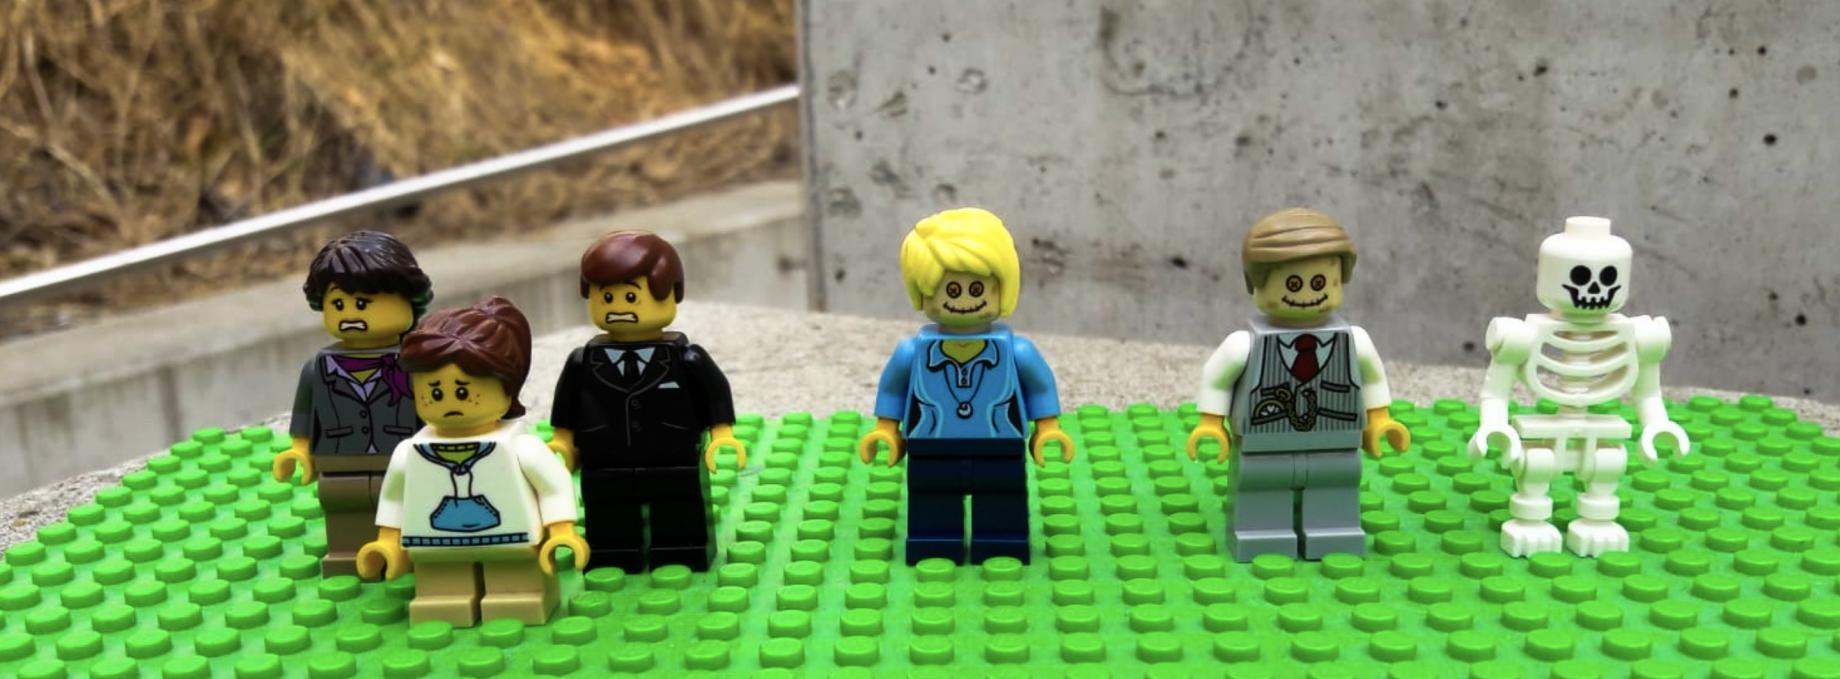 Lego Trauernde Wiener Zentralfriedhof